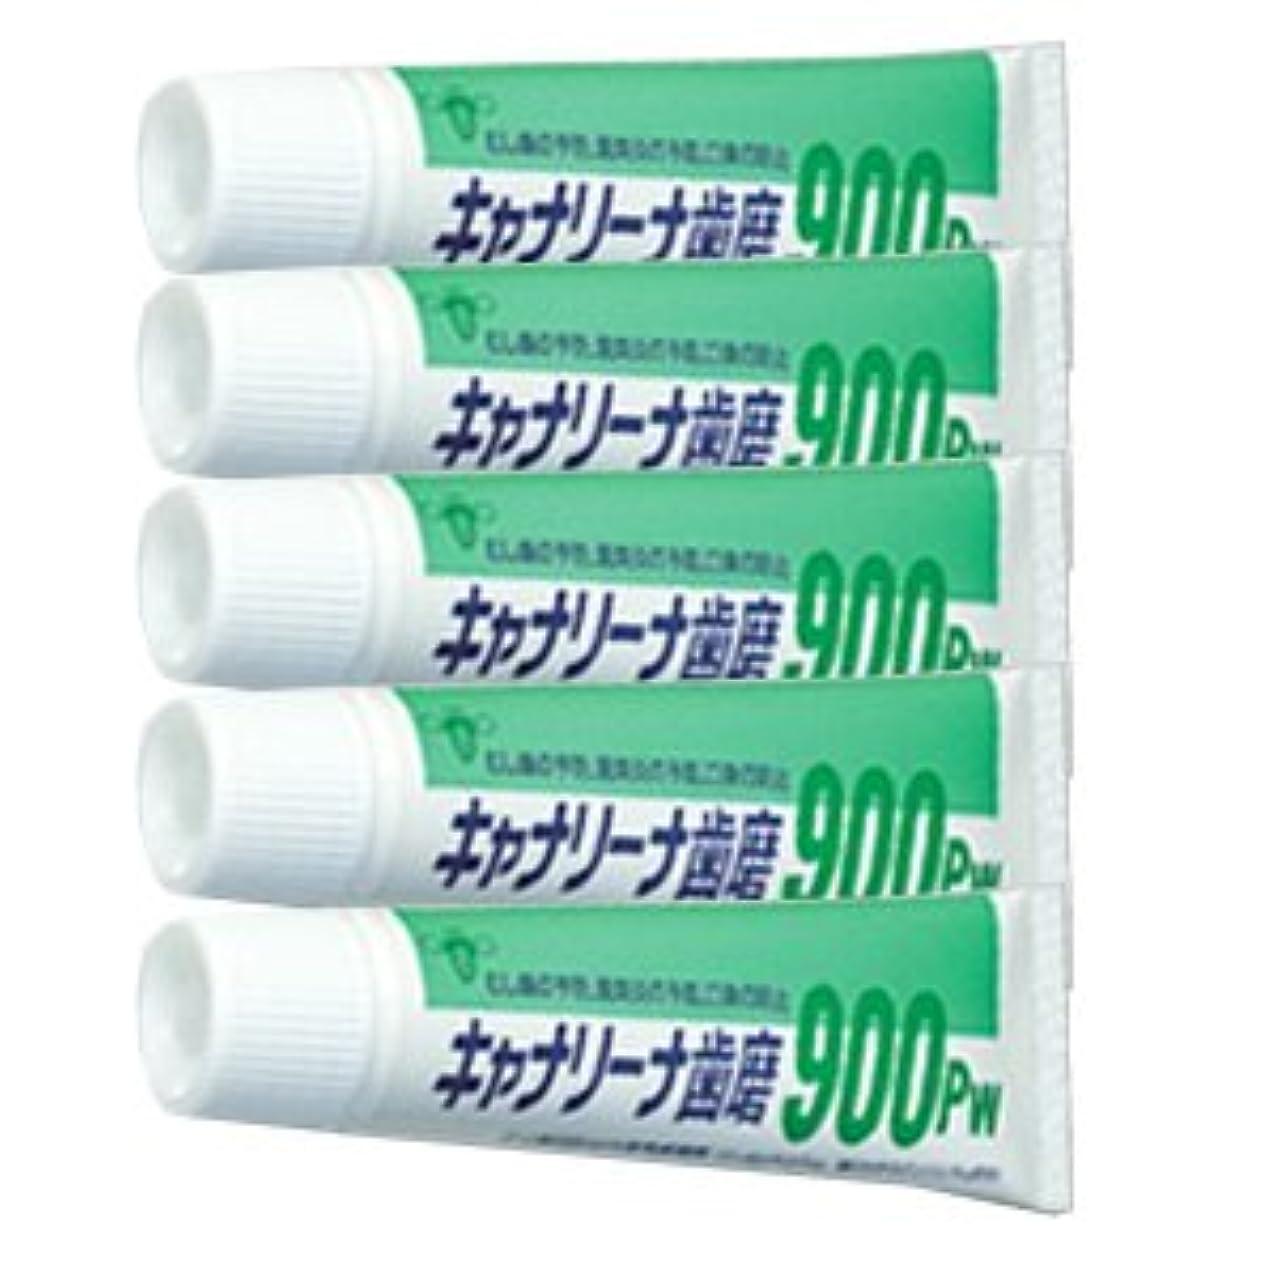 疼痛鼻パンフレットビーブランド キャナリーナ 歯磨 900Pw × 5本セット 医薬部外品